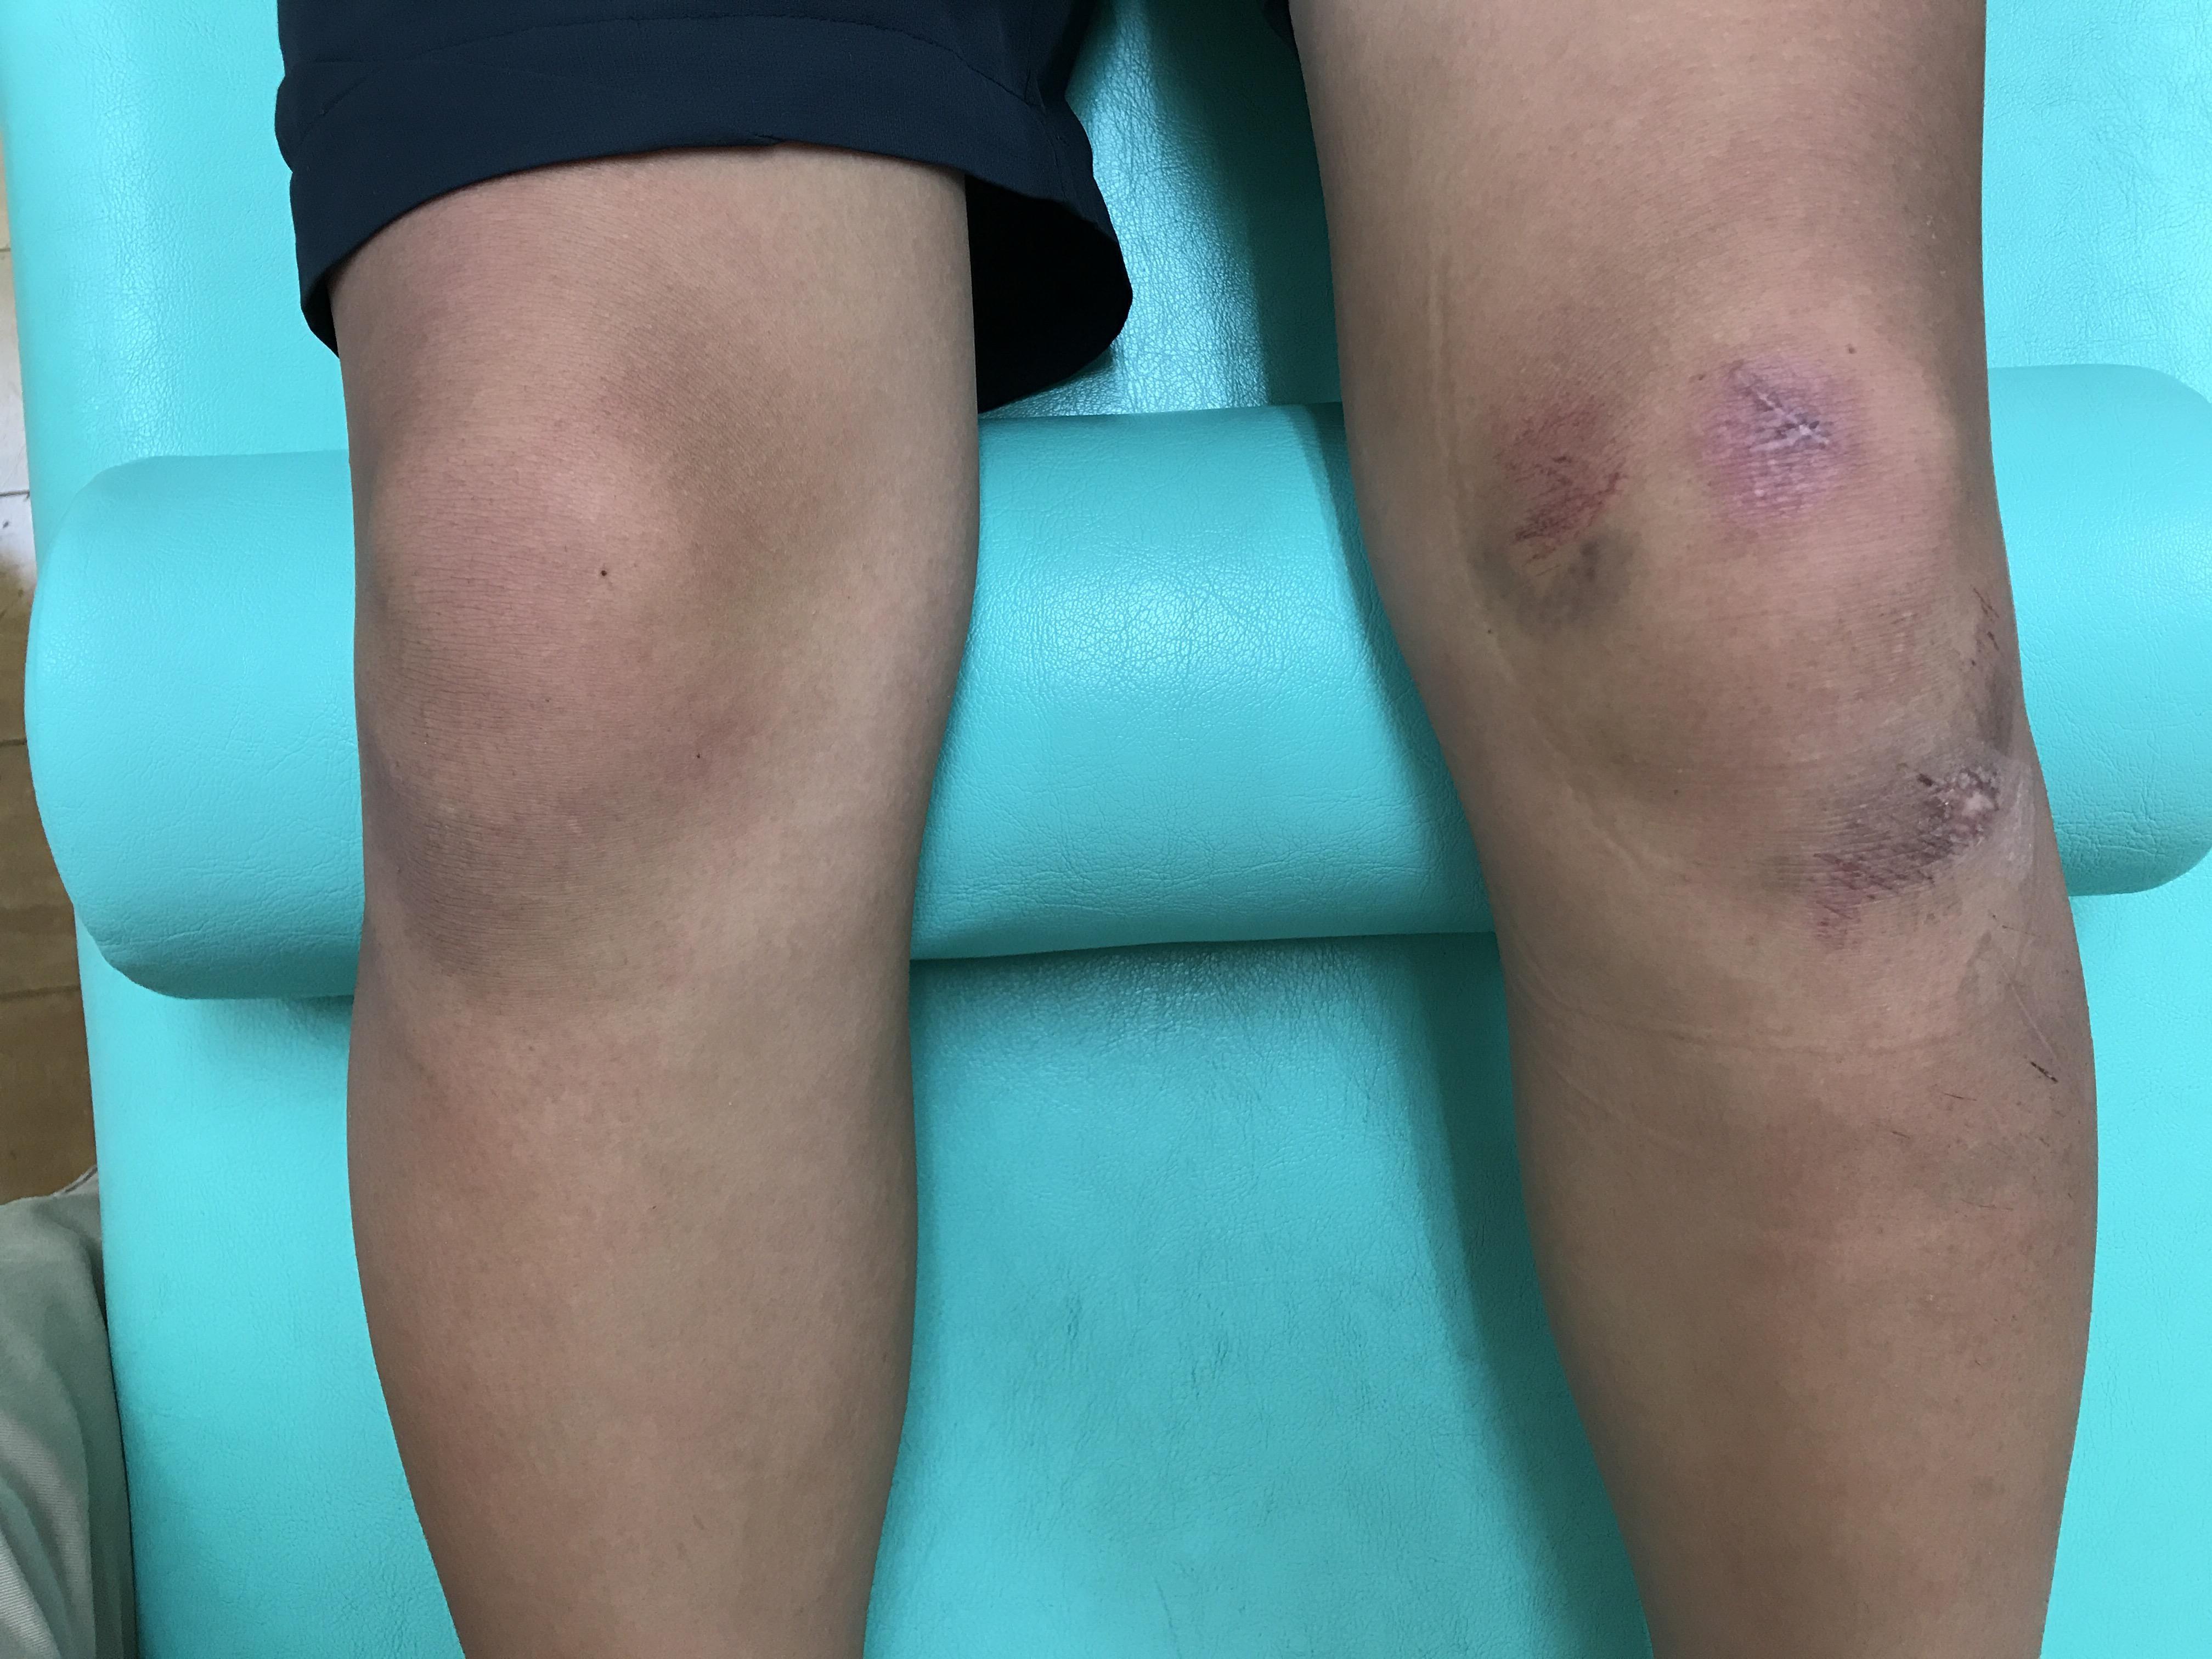 膝の内側の打撲